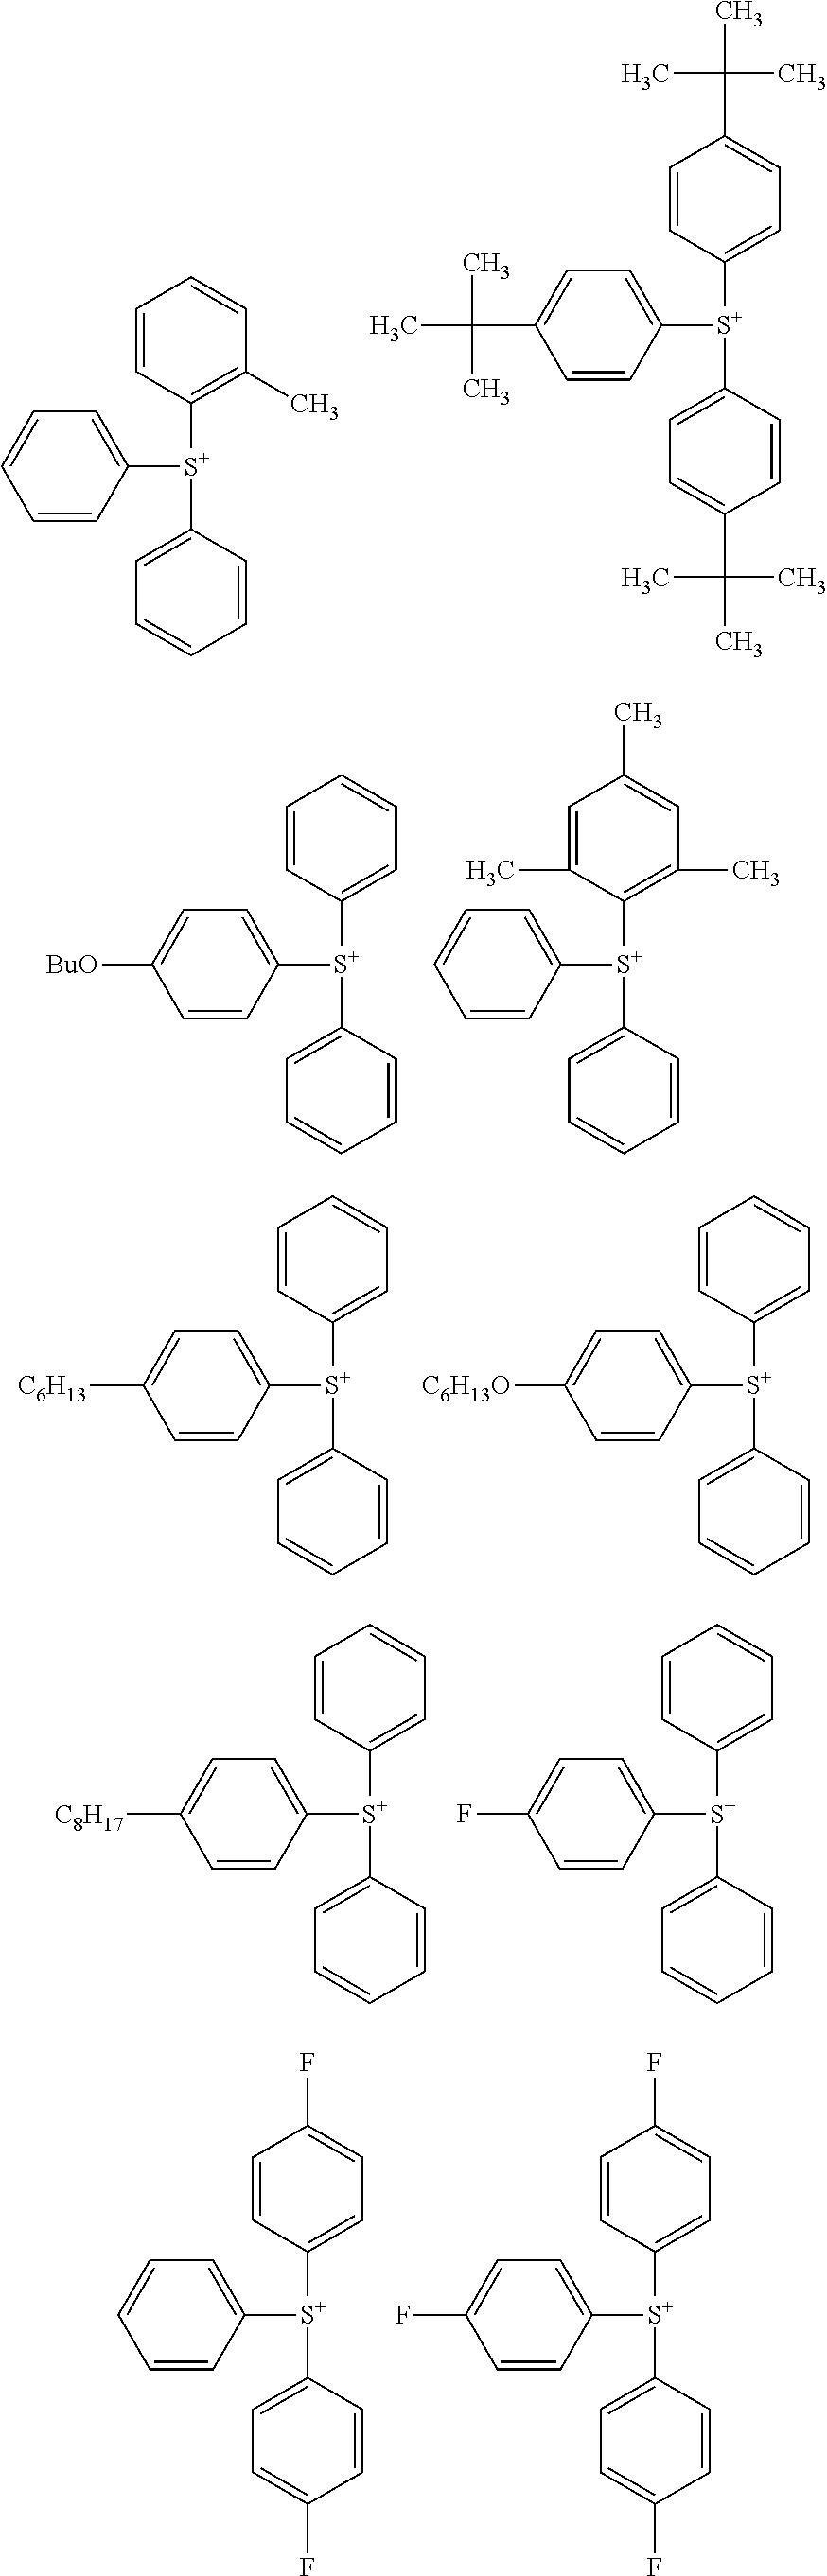 Figure US20100323296A1-20101223-C00133